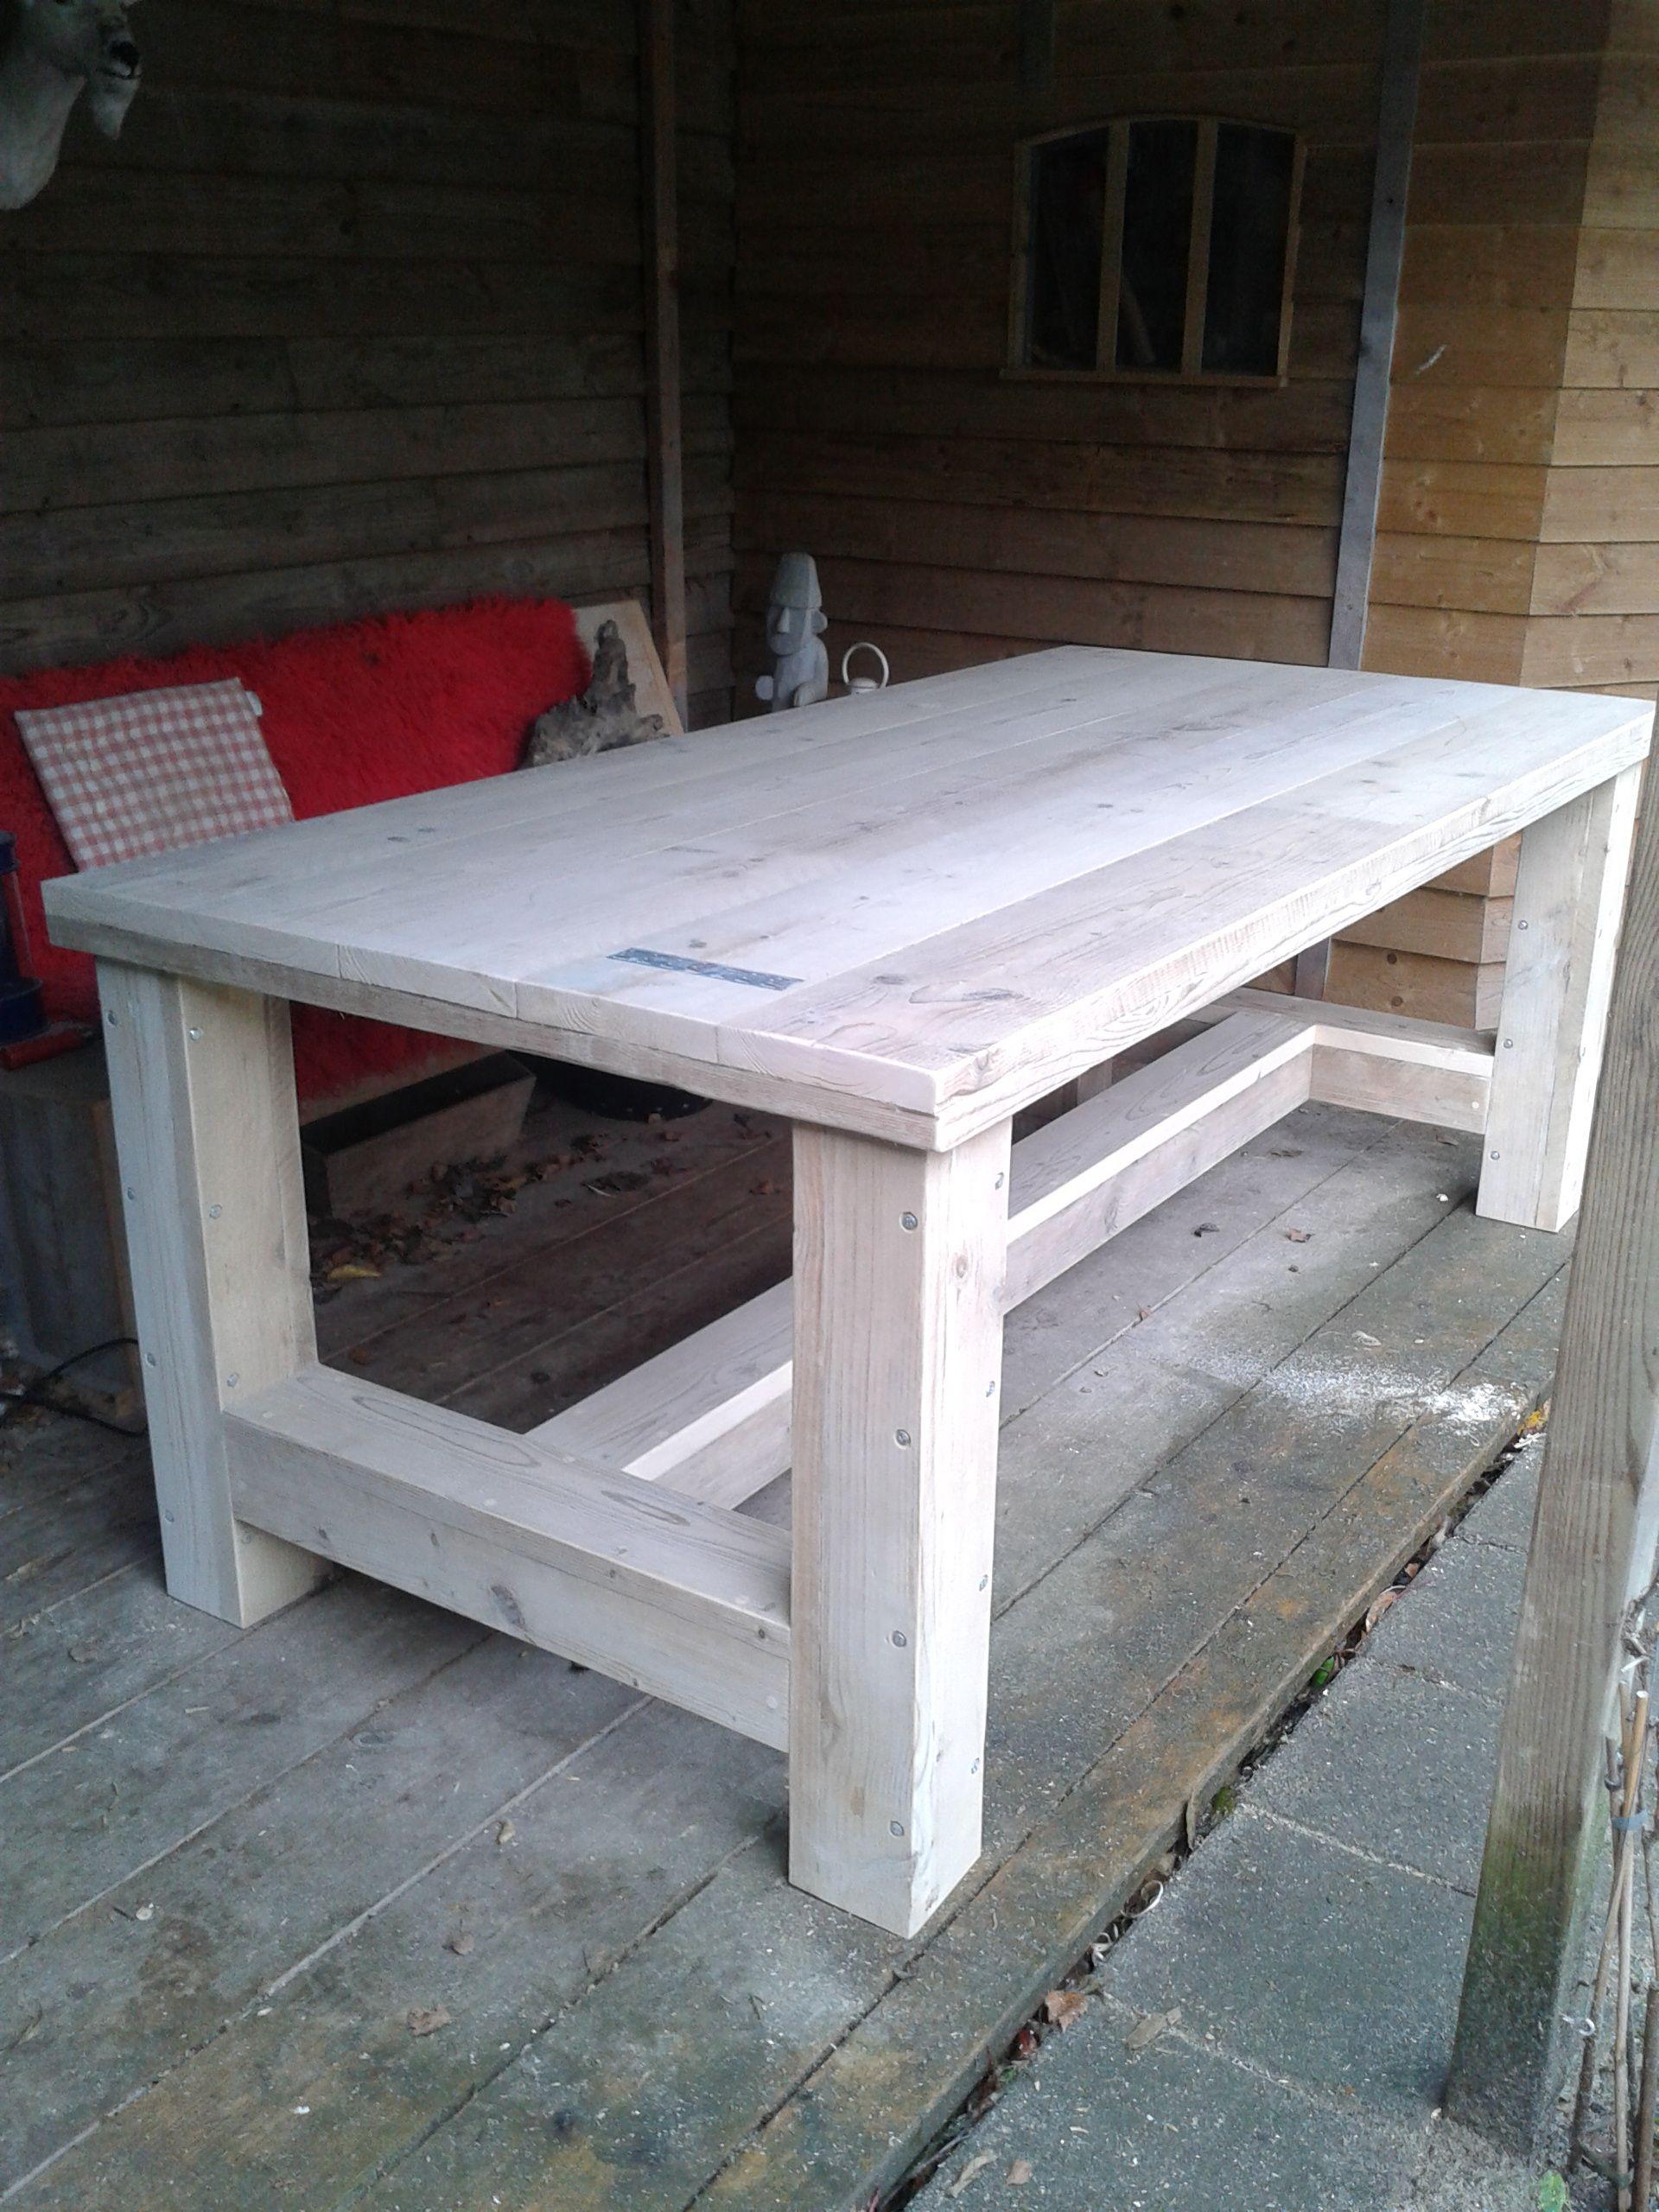 kloostertafel | Home | Pinterest | Tisch, Bänke und Möbel bauen